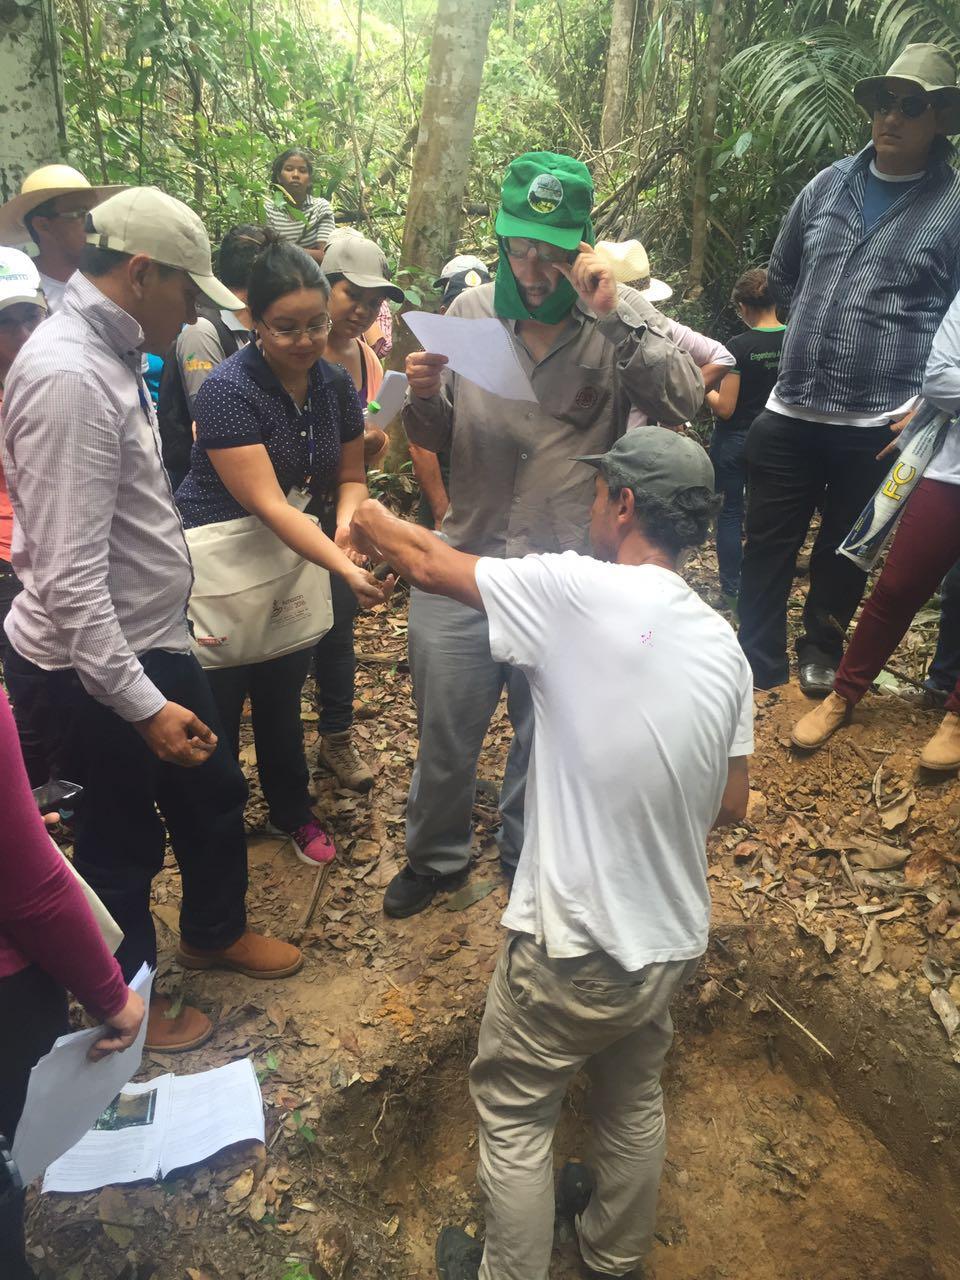 O último dia do Amazon Soil foi reservado para as excursões técnicas: uma para a área de um produtor rural no município de Capitão Poço-PA, com análise de perfil de solo e discussões sobre manejo do solo x manejo das culturas, e outra para visitas a minas de fosfato, no município de Bonito-PA, e calcário no munícipio de Primavera-PA.